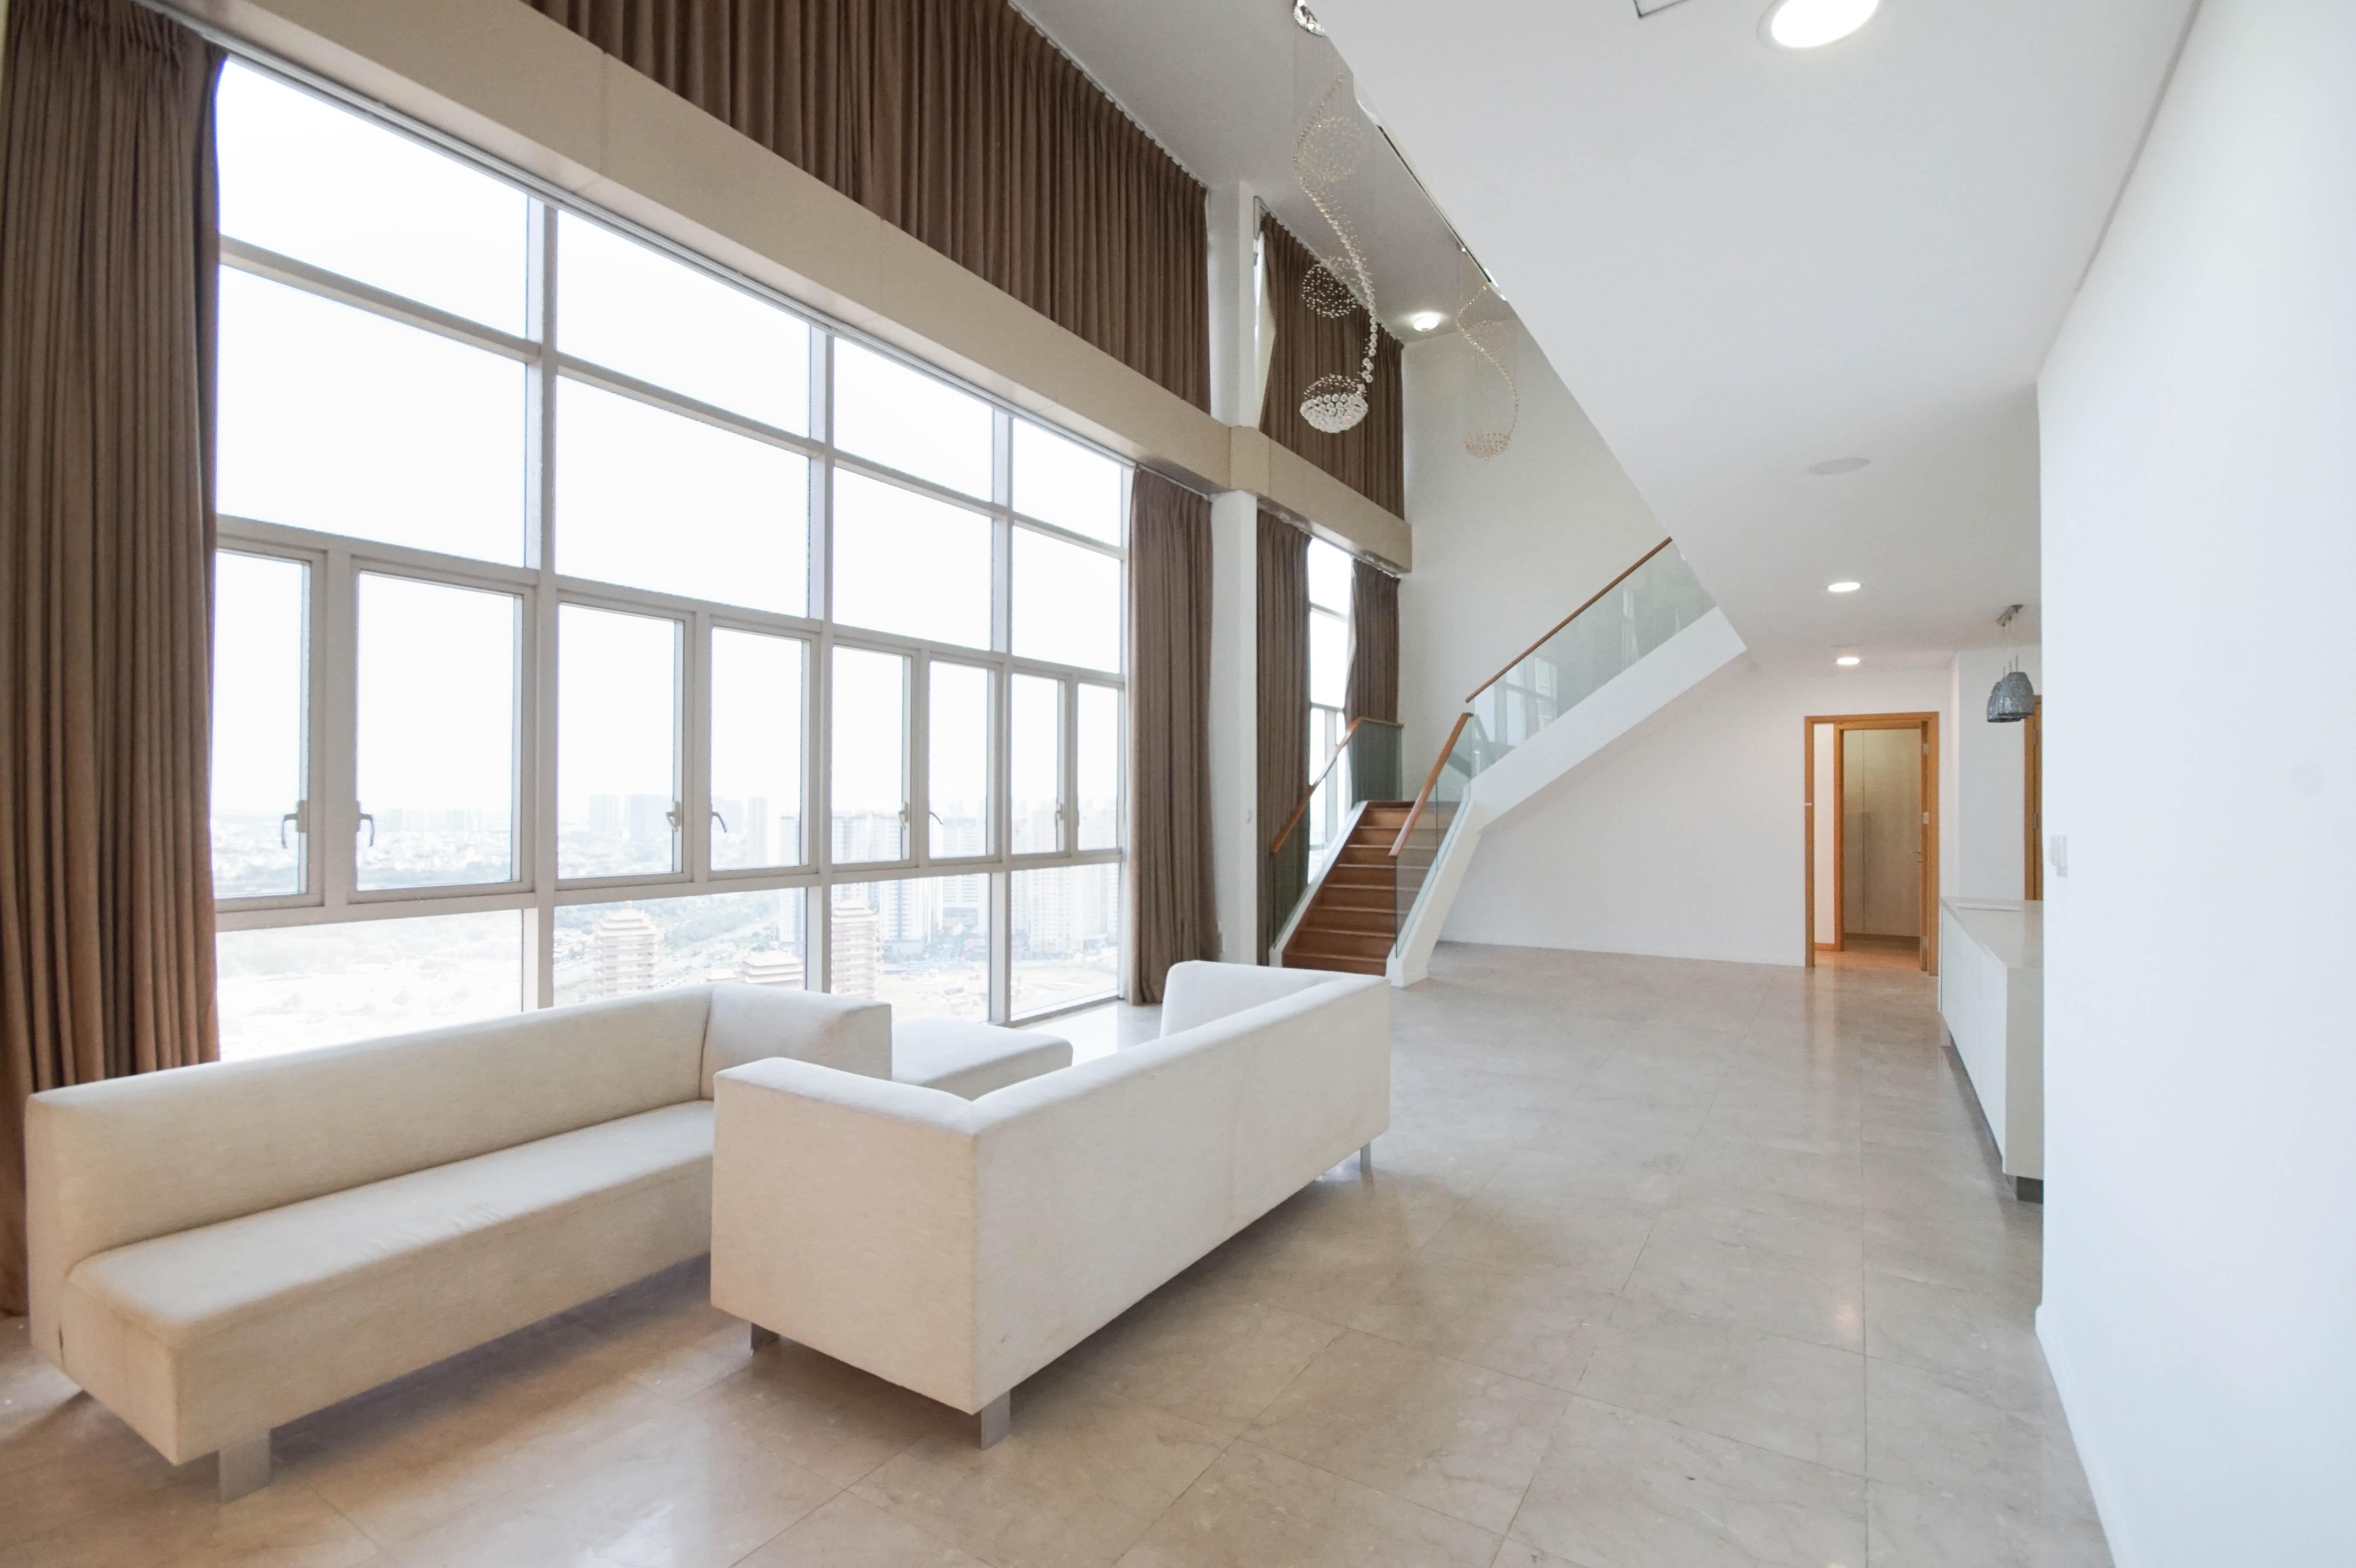 Căn hộ 4 PN The Vista - Đầy Đủ Nội Thất - Căn Penthouse Cực Đẹp Và Tràn Ngập Ánh Sáng-17